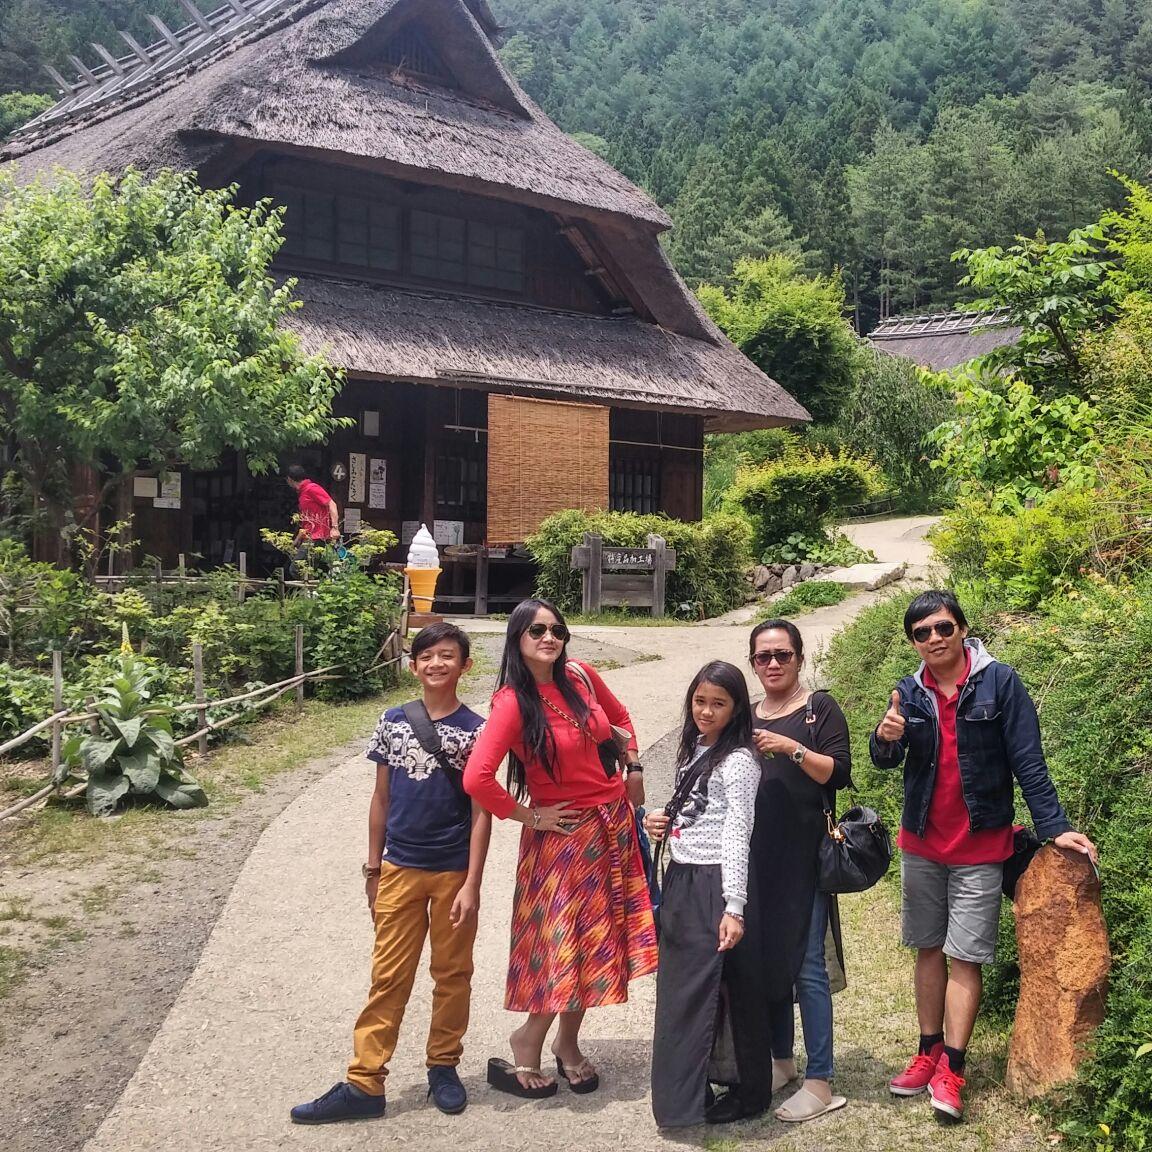 foto peserta tour ke jepang di desa wisata gunung fuji